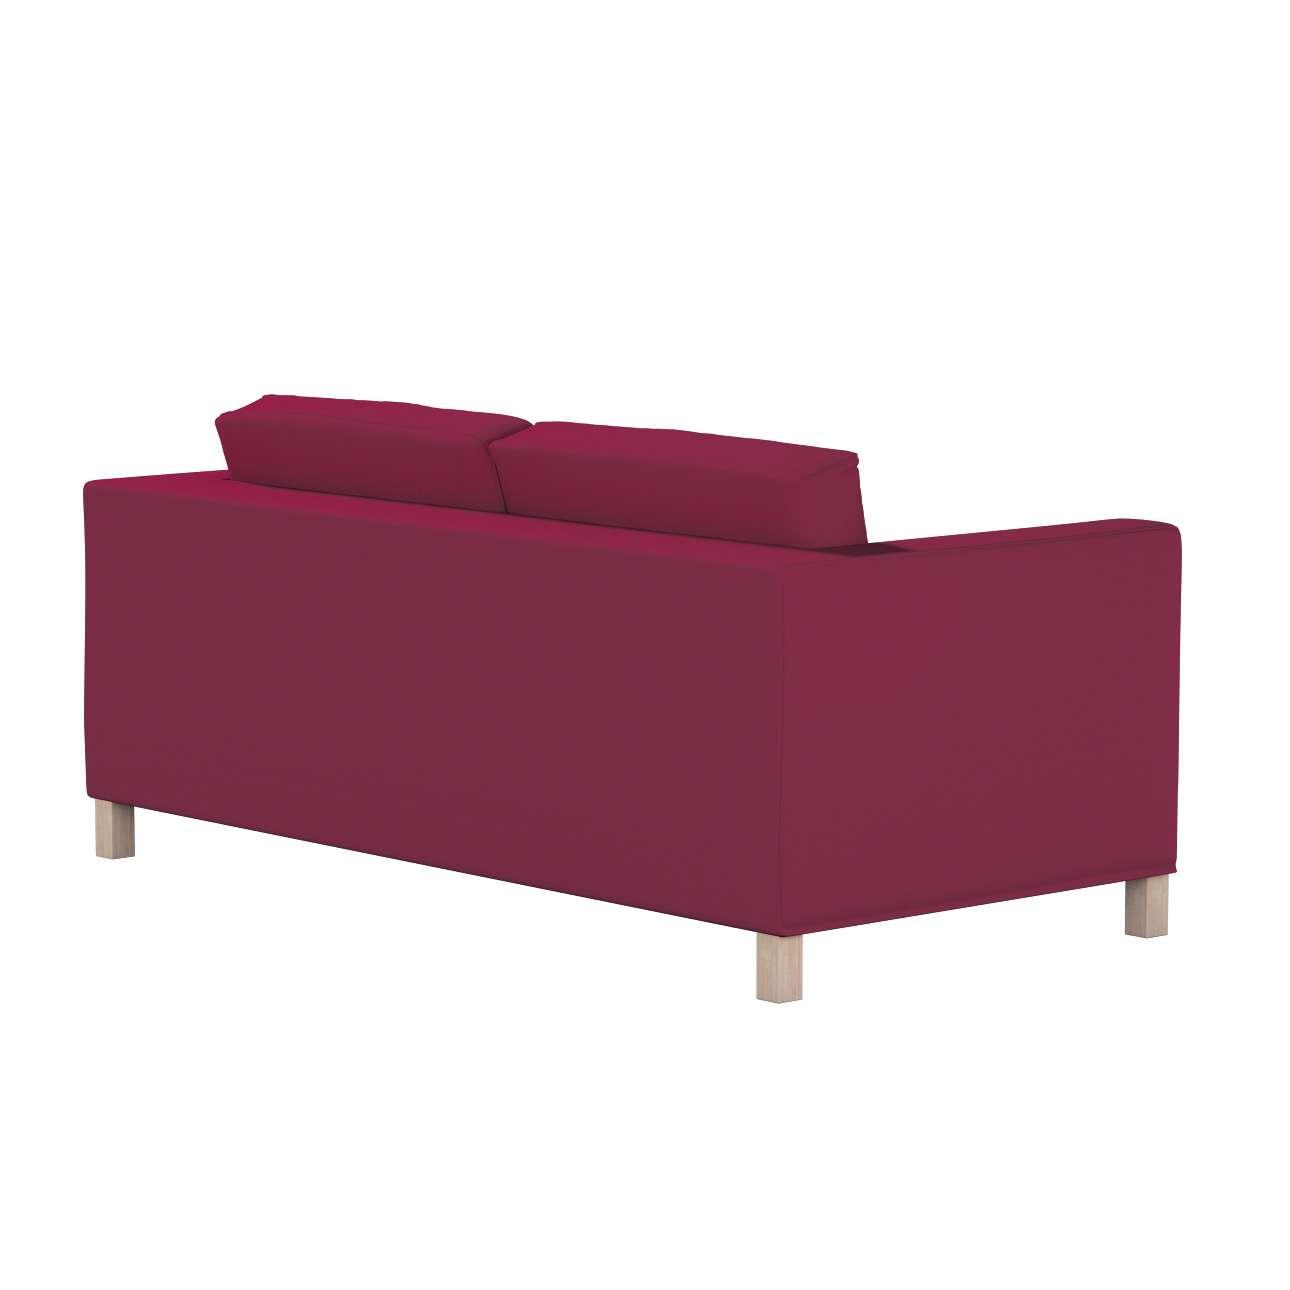 Pokrowiec na sofę Karlanda rozkładaną, krótki w kolekcji Cotton Panama, tkanina: 702-32